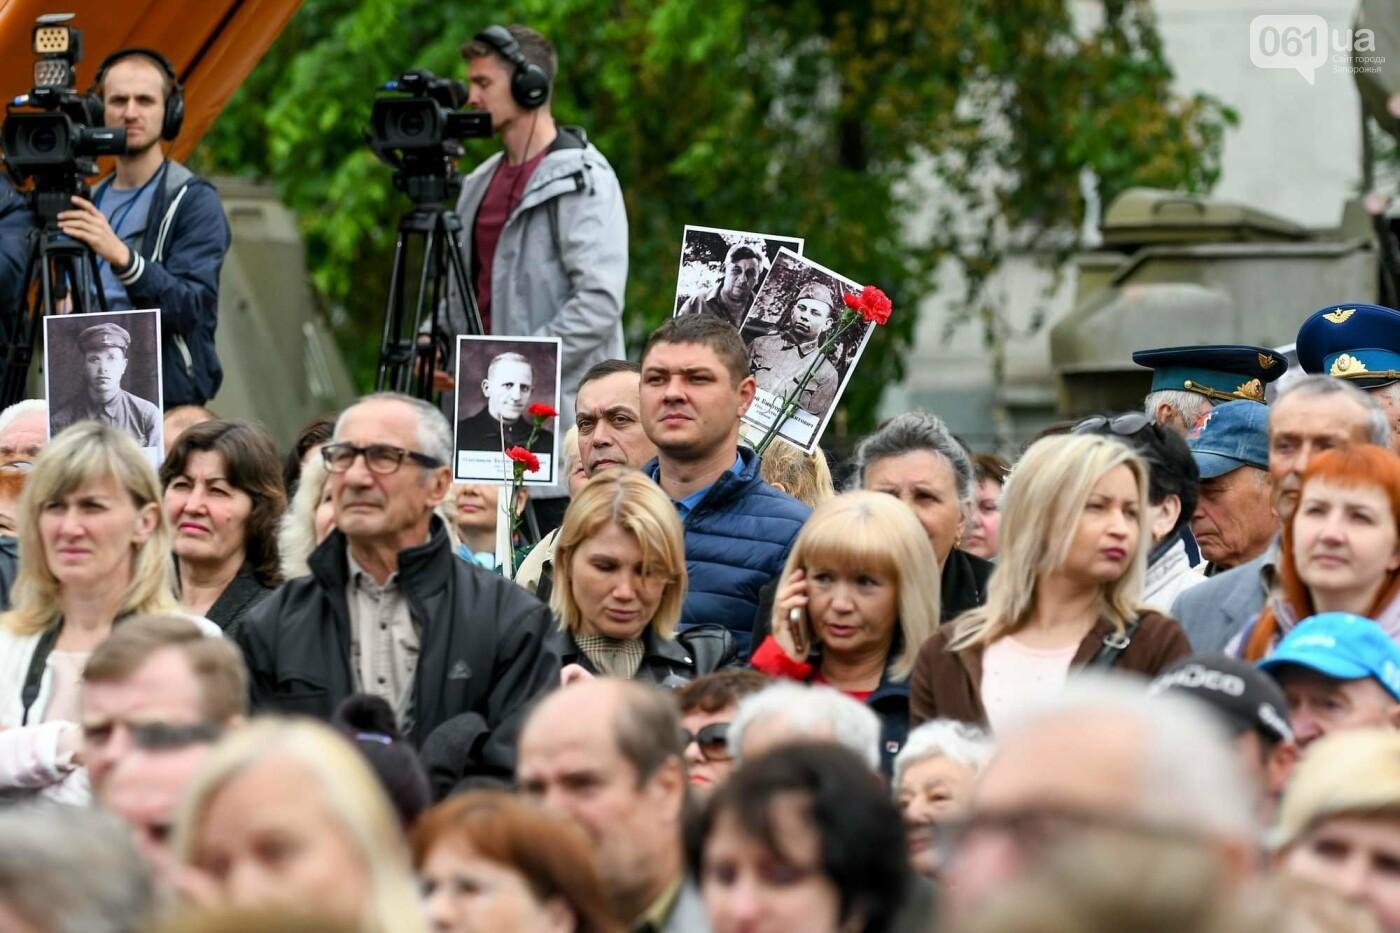 """Богуслаев на """"Победе"""", полевая кухня и концерт: в Запорожье в парке Климова проходят гуляния, - ФОТОРЕПОРТАЖ, фото-15"""